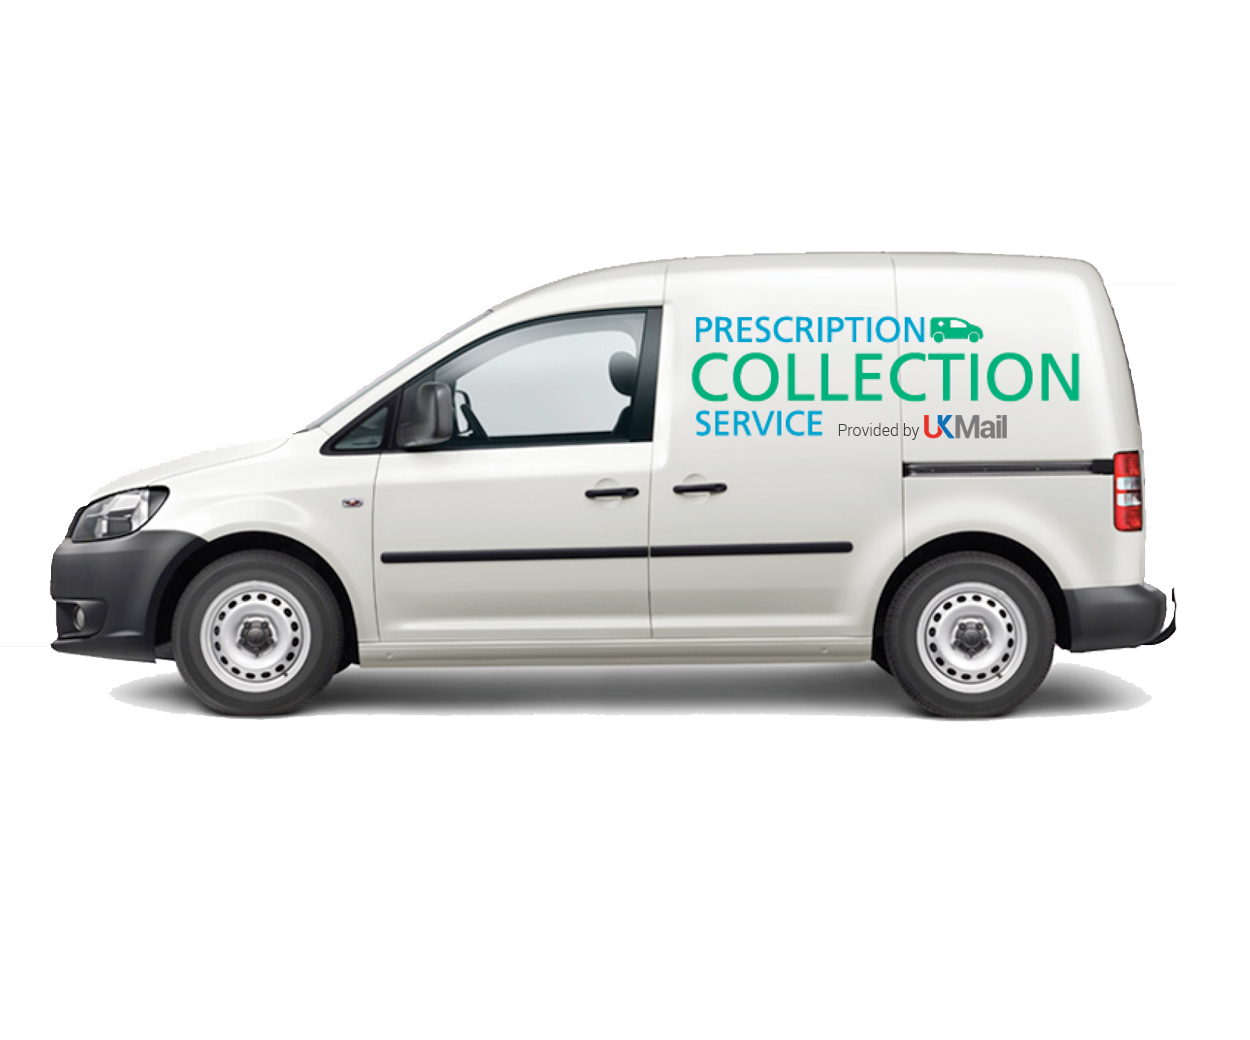 Standard Prescription Collection Service